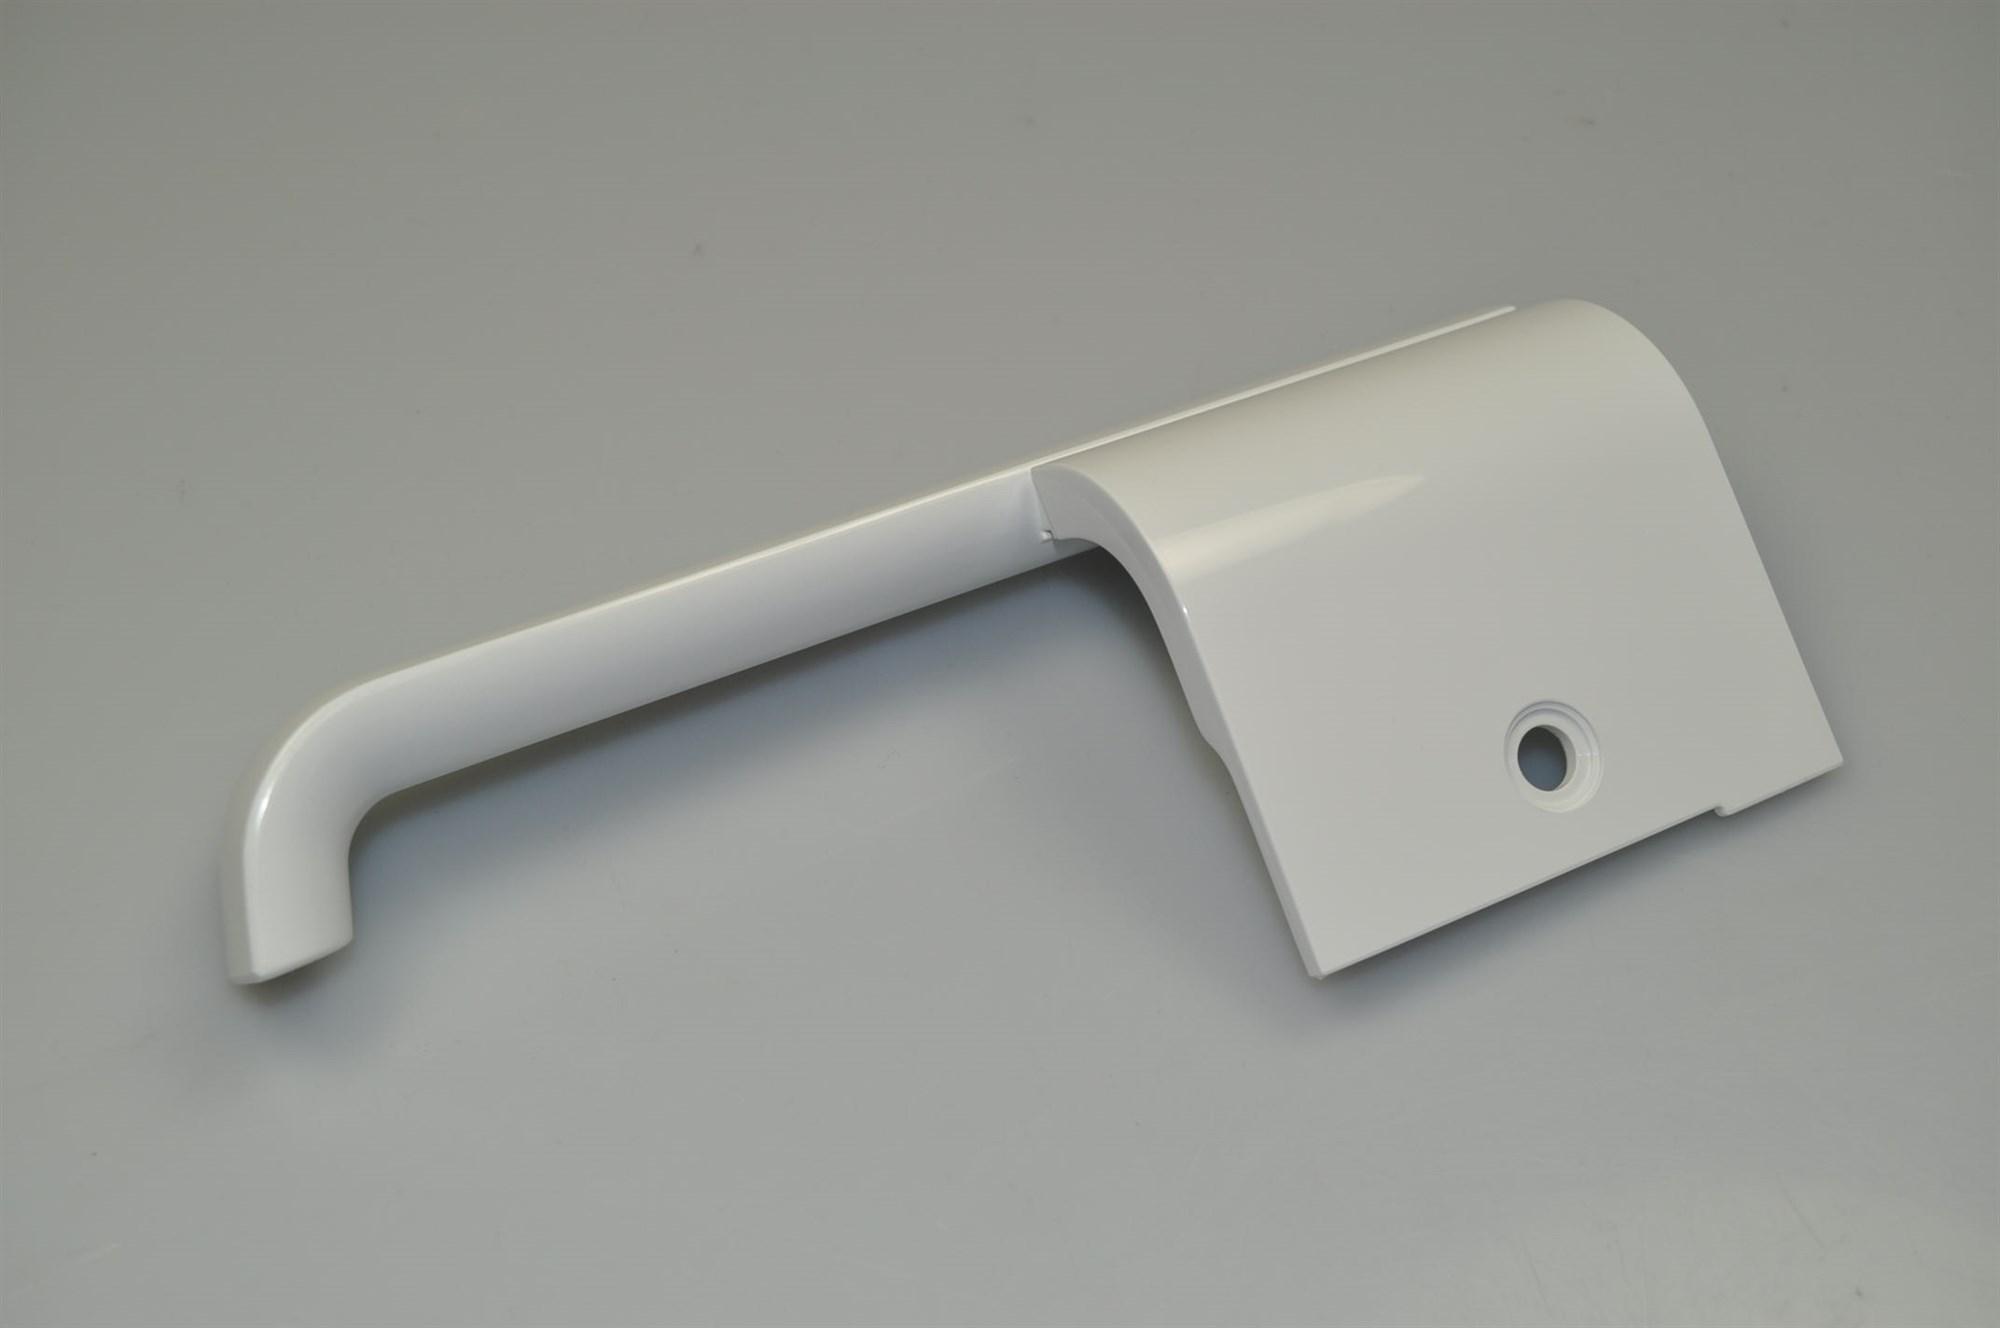 Bosch Kühlschrank Griff : Griff bosch kühl gefrierschrank